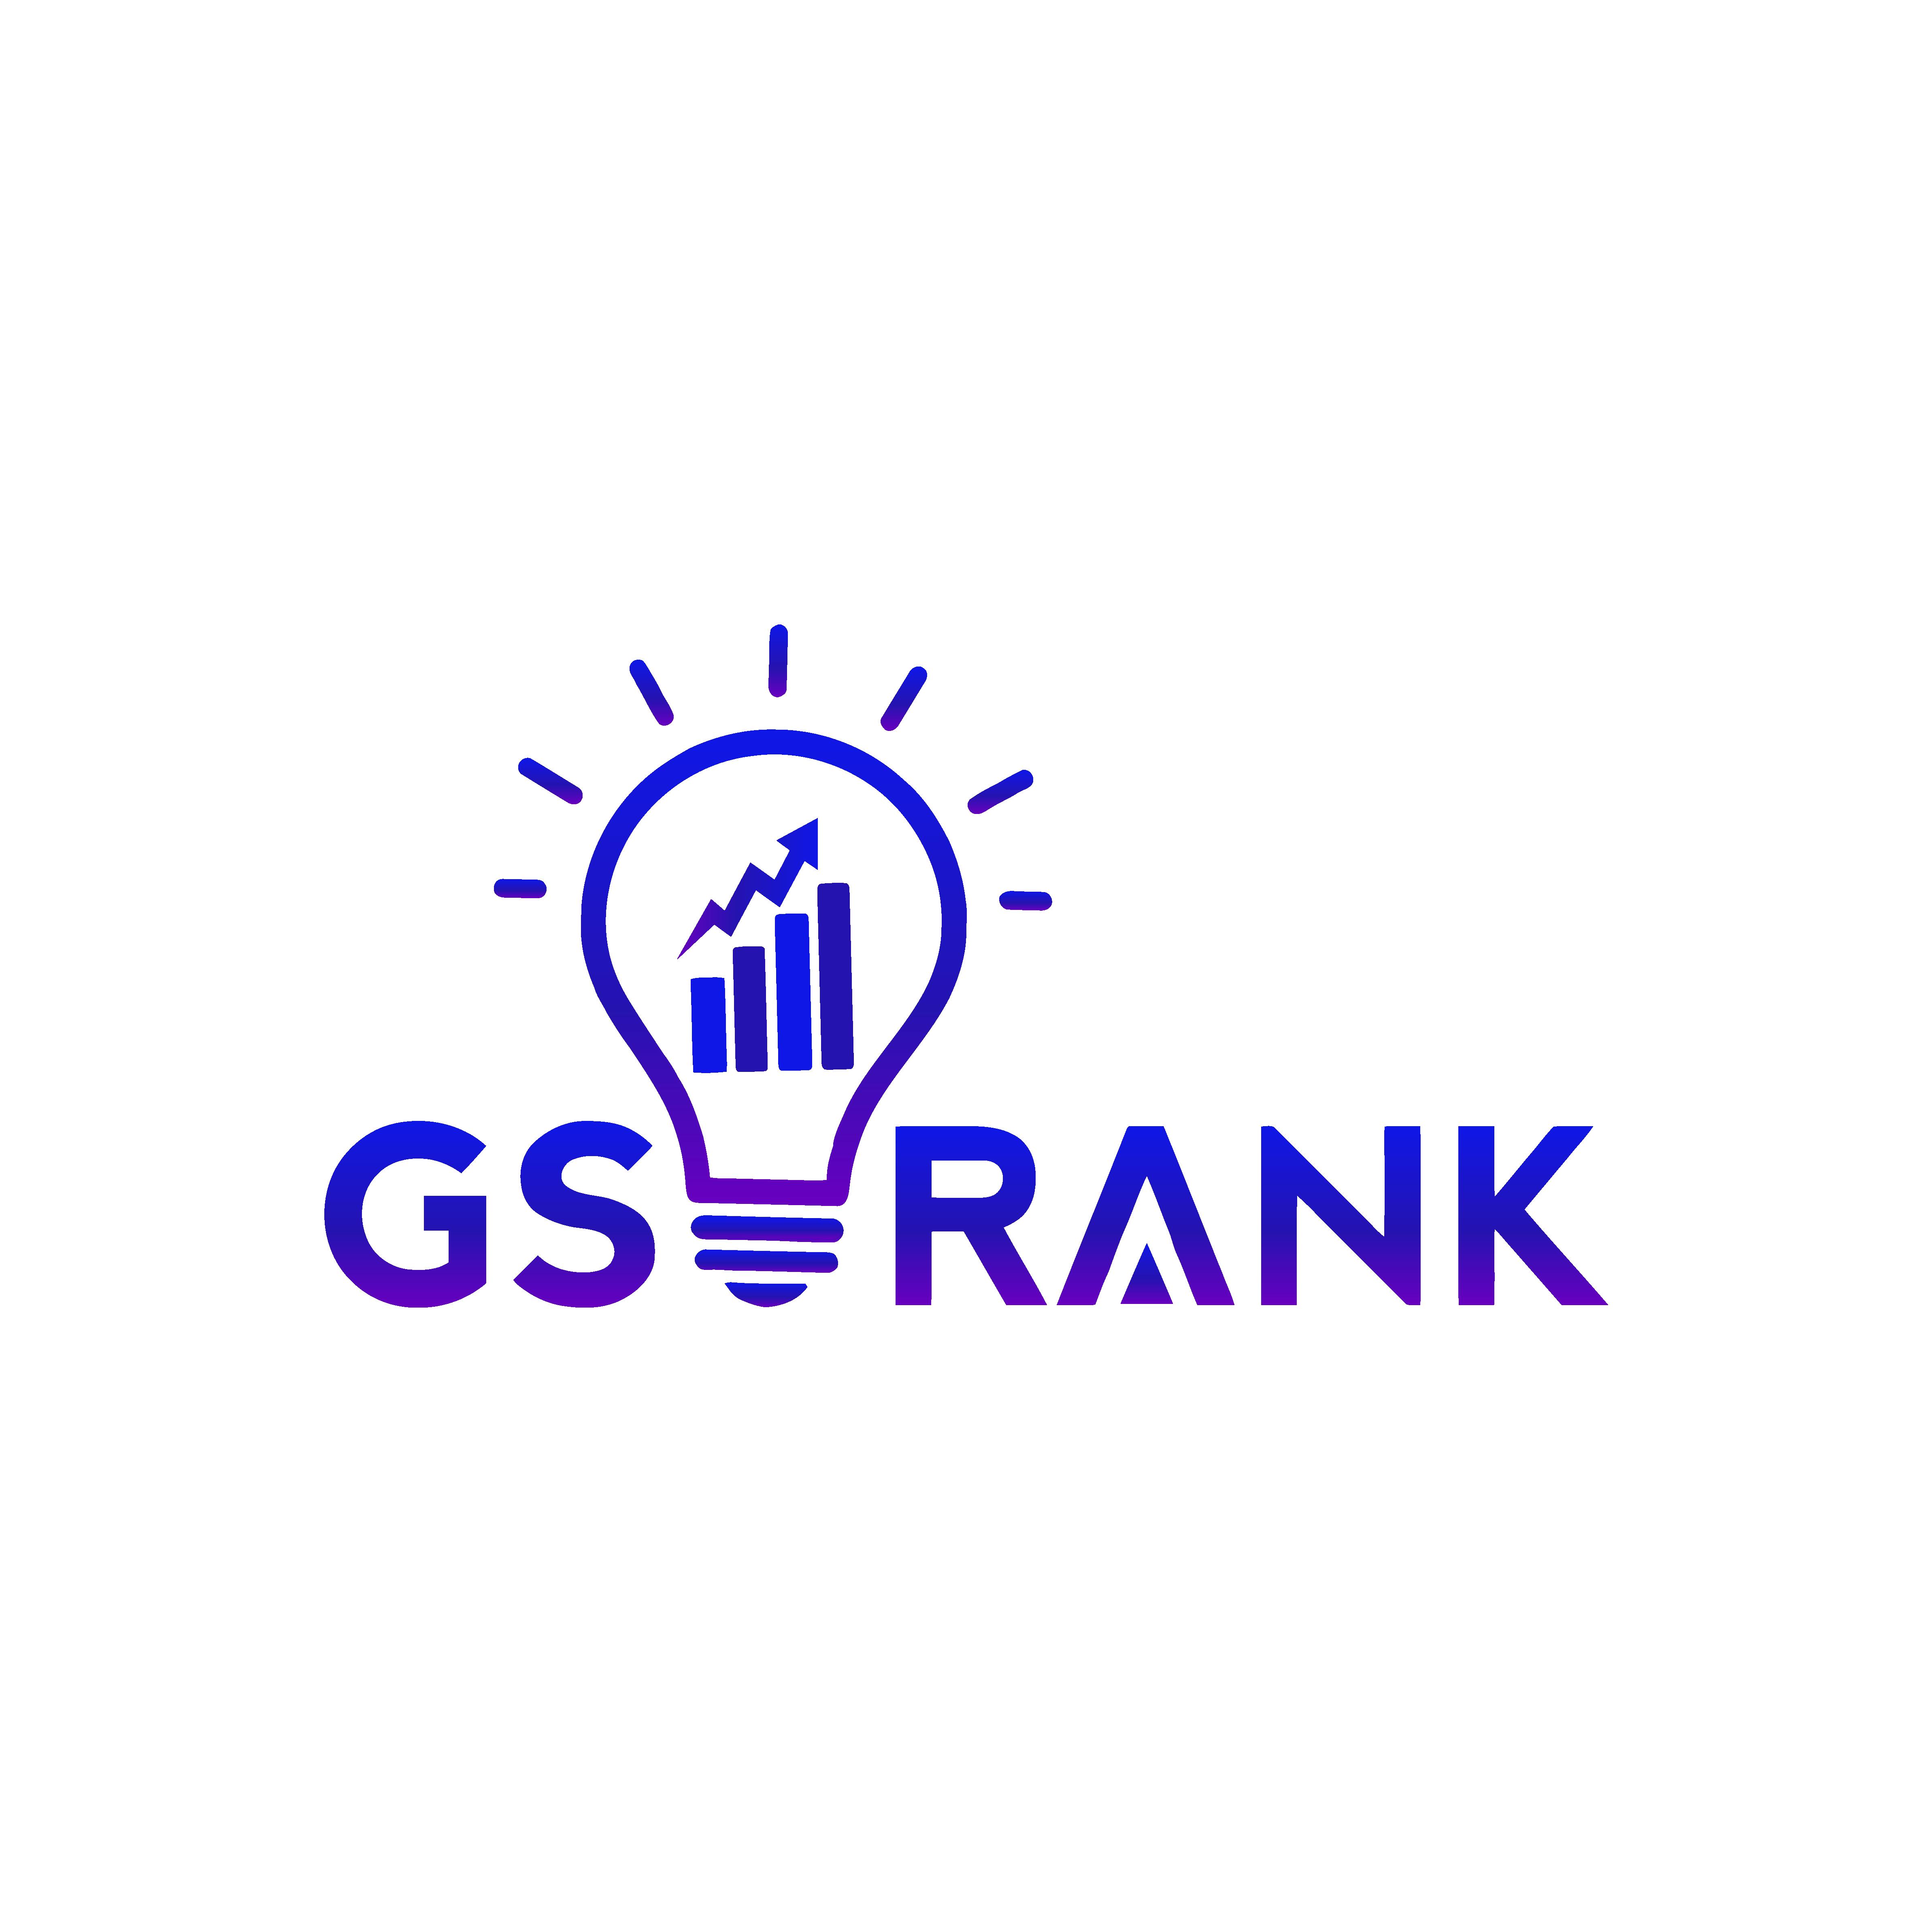 GS Rank